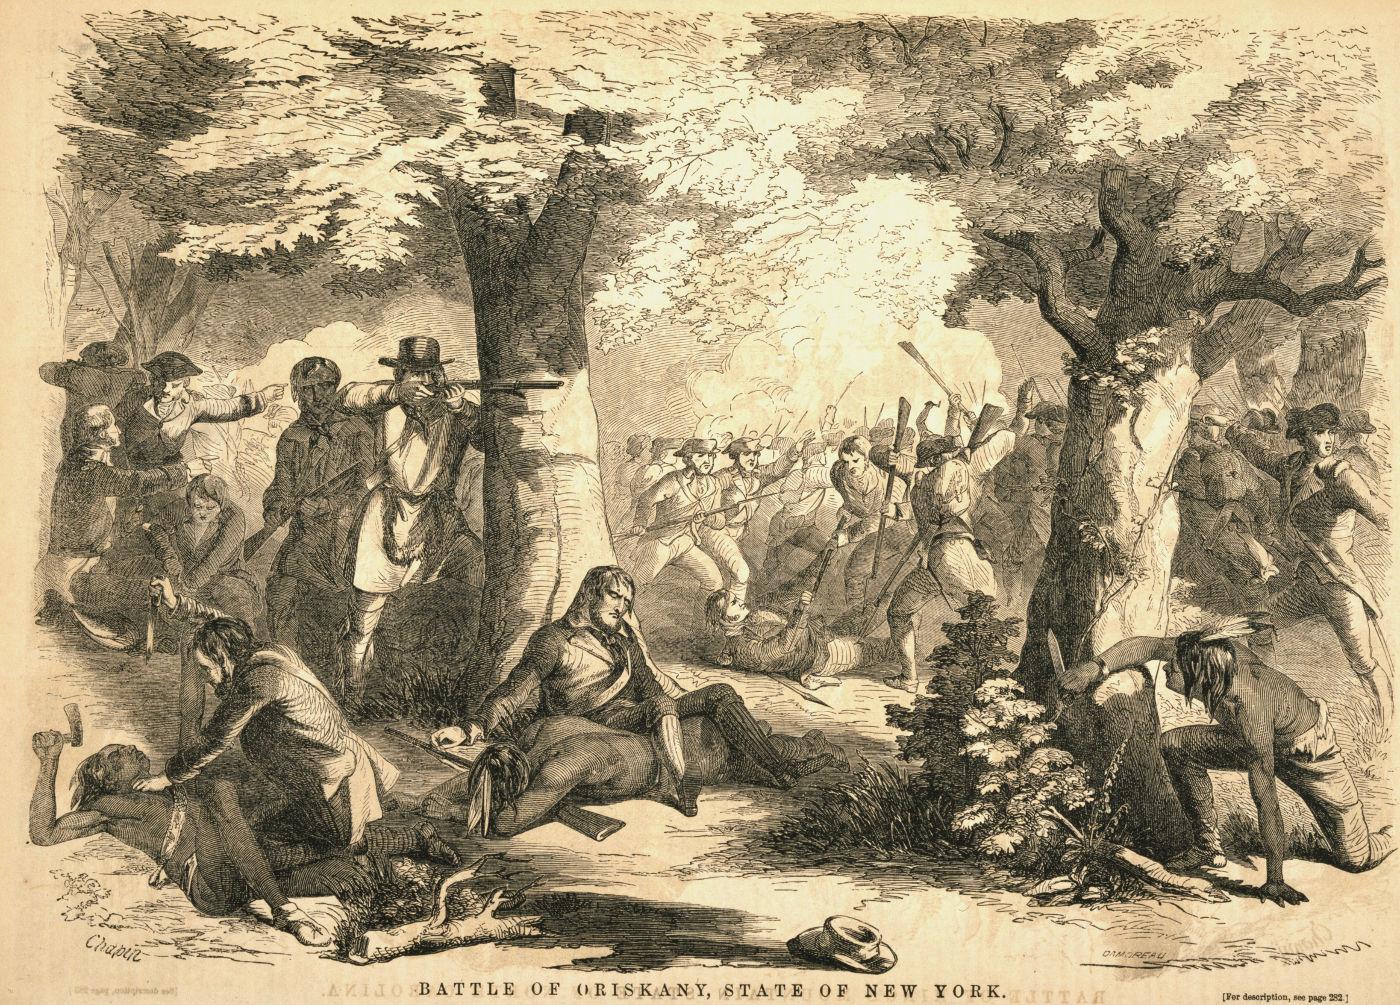 Battle of Oriskany, by John Reuben Chapin, 1857